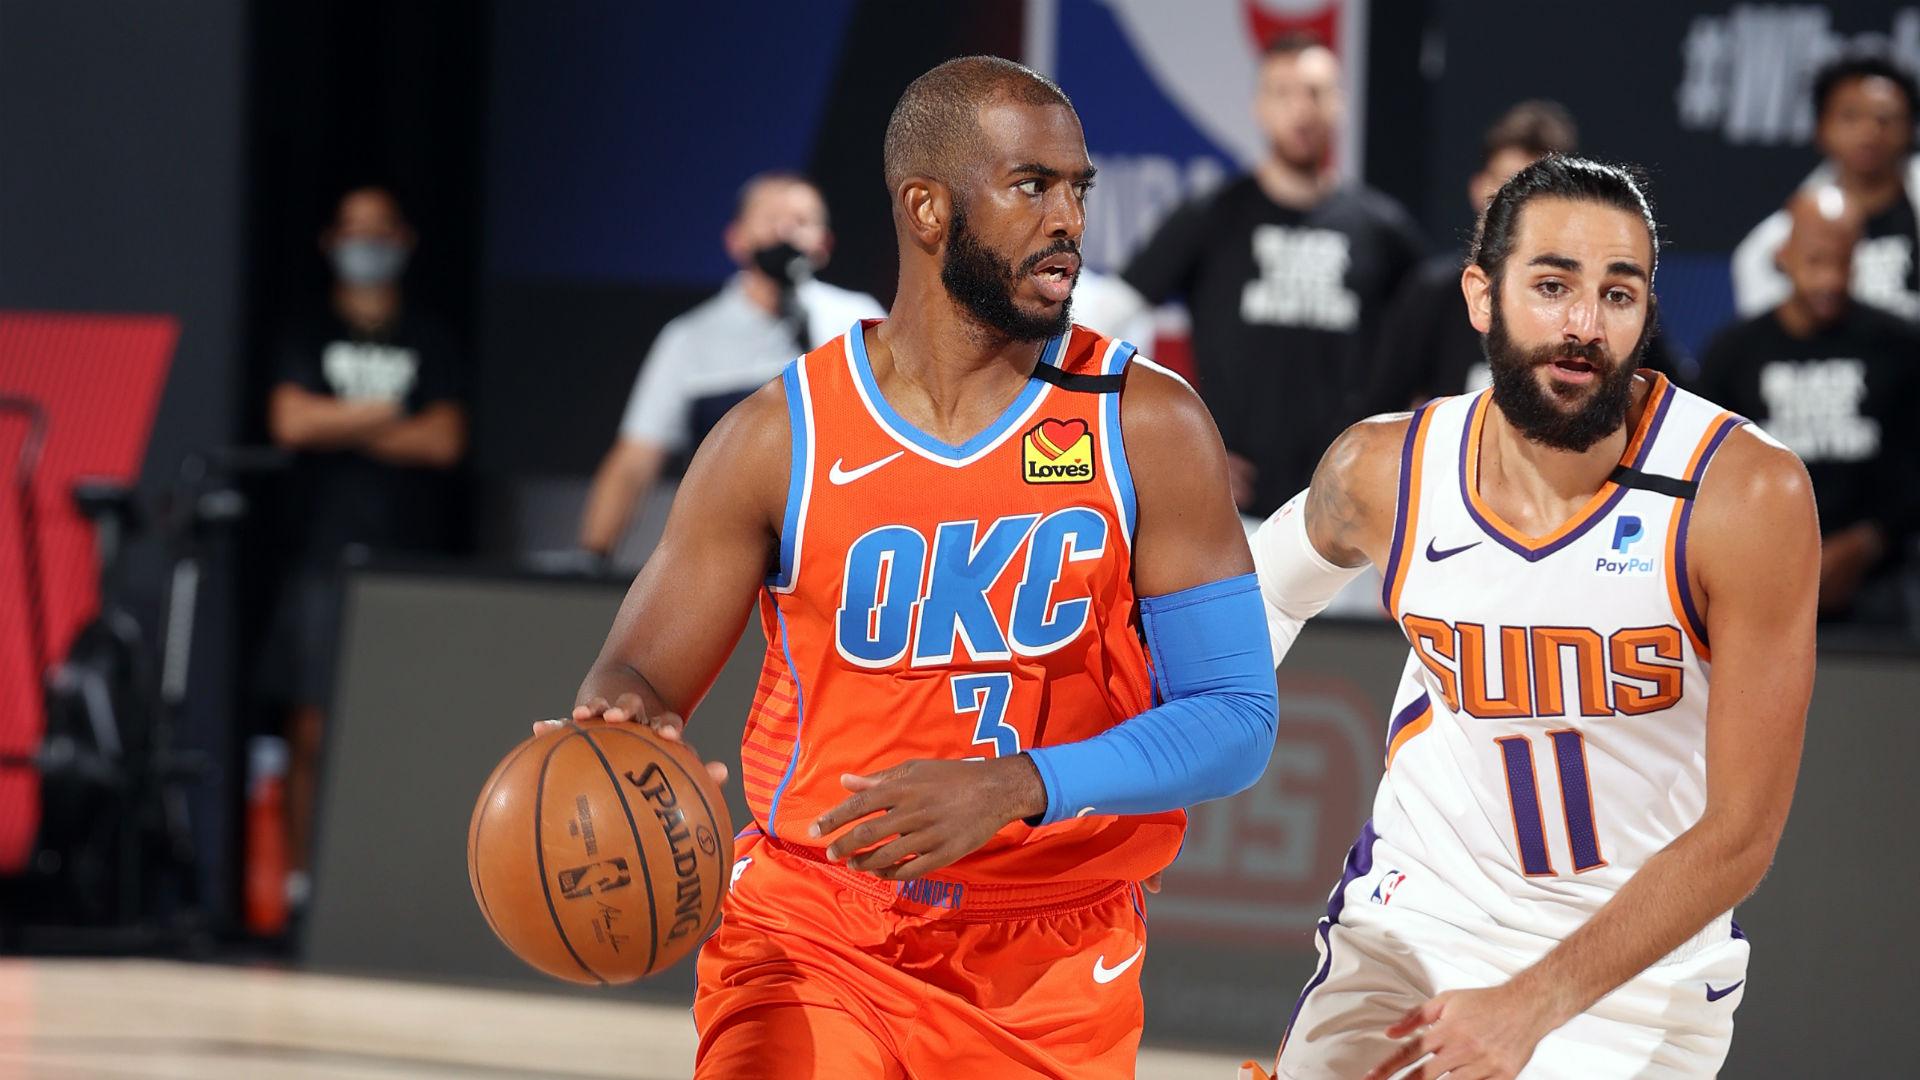 Reporte: Chris Paul traspasado a Phoenix Suns | NBA.com Argentina | El  sitio oficial de la NBA